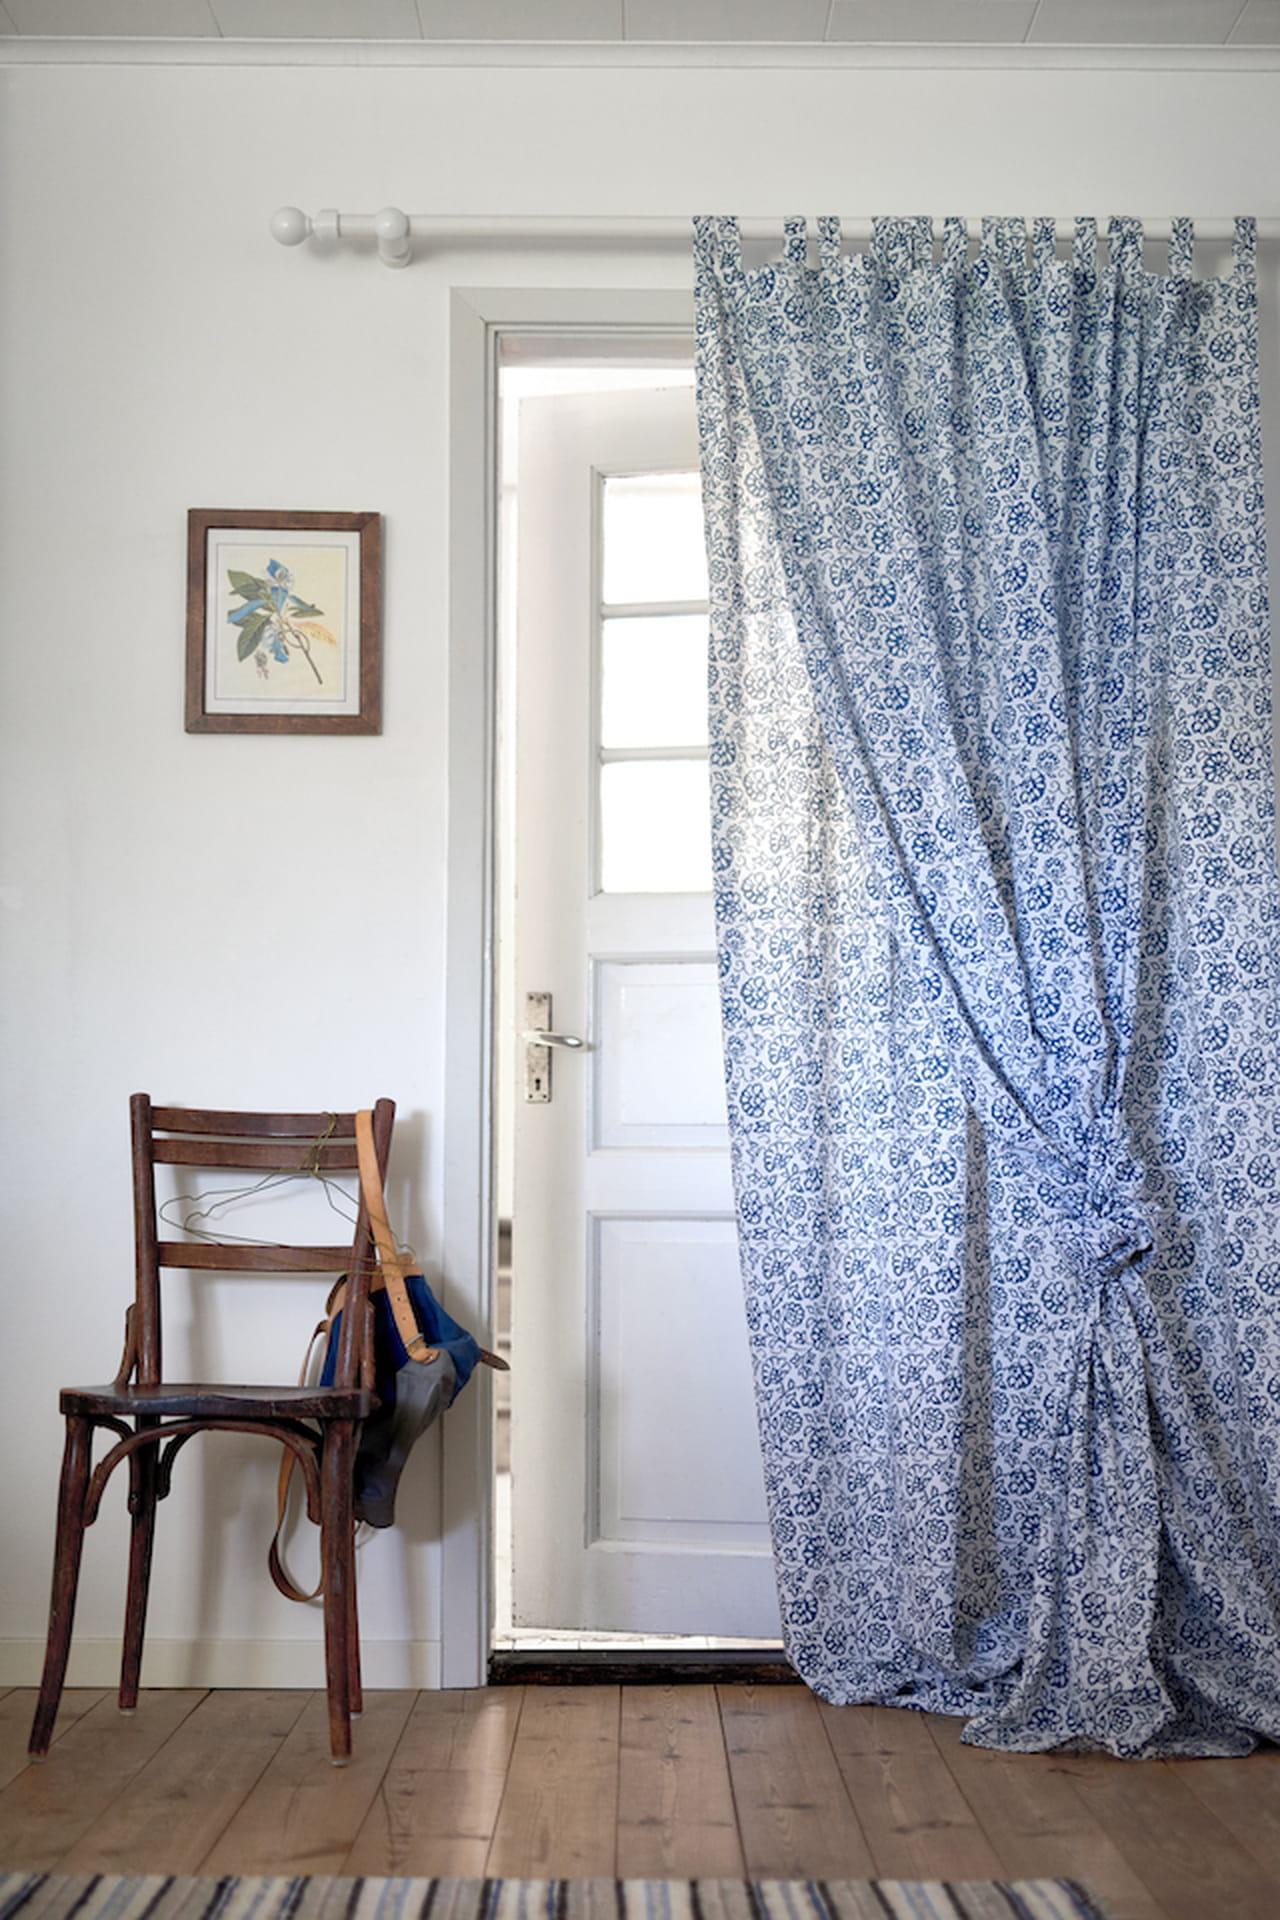 Novit ikea 2016 la collezione che sa di primavera - Ikea tende a metraggio ...